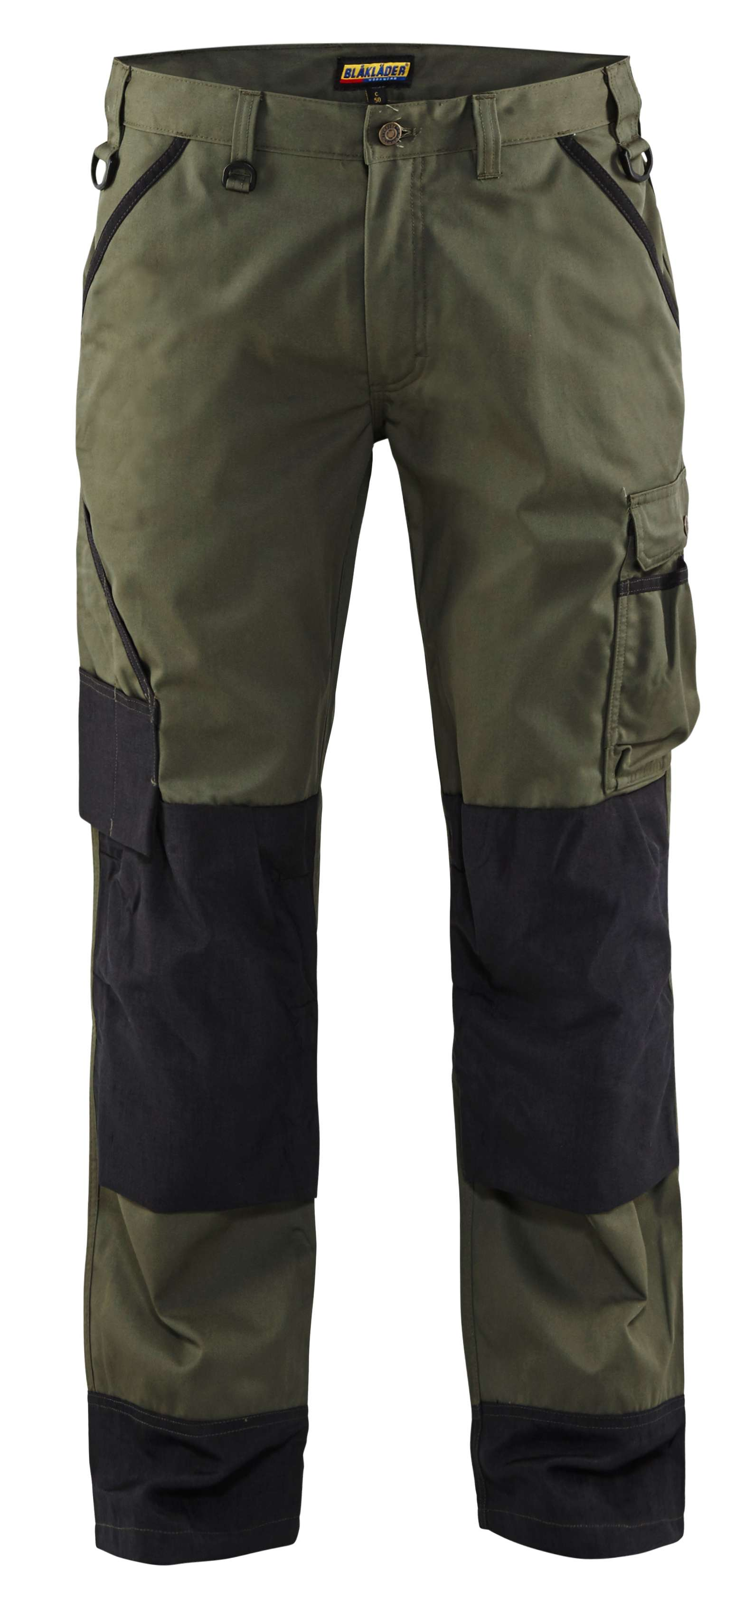 Blaklader Werkbroeken 14541835 army groen-zwart(4699)